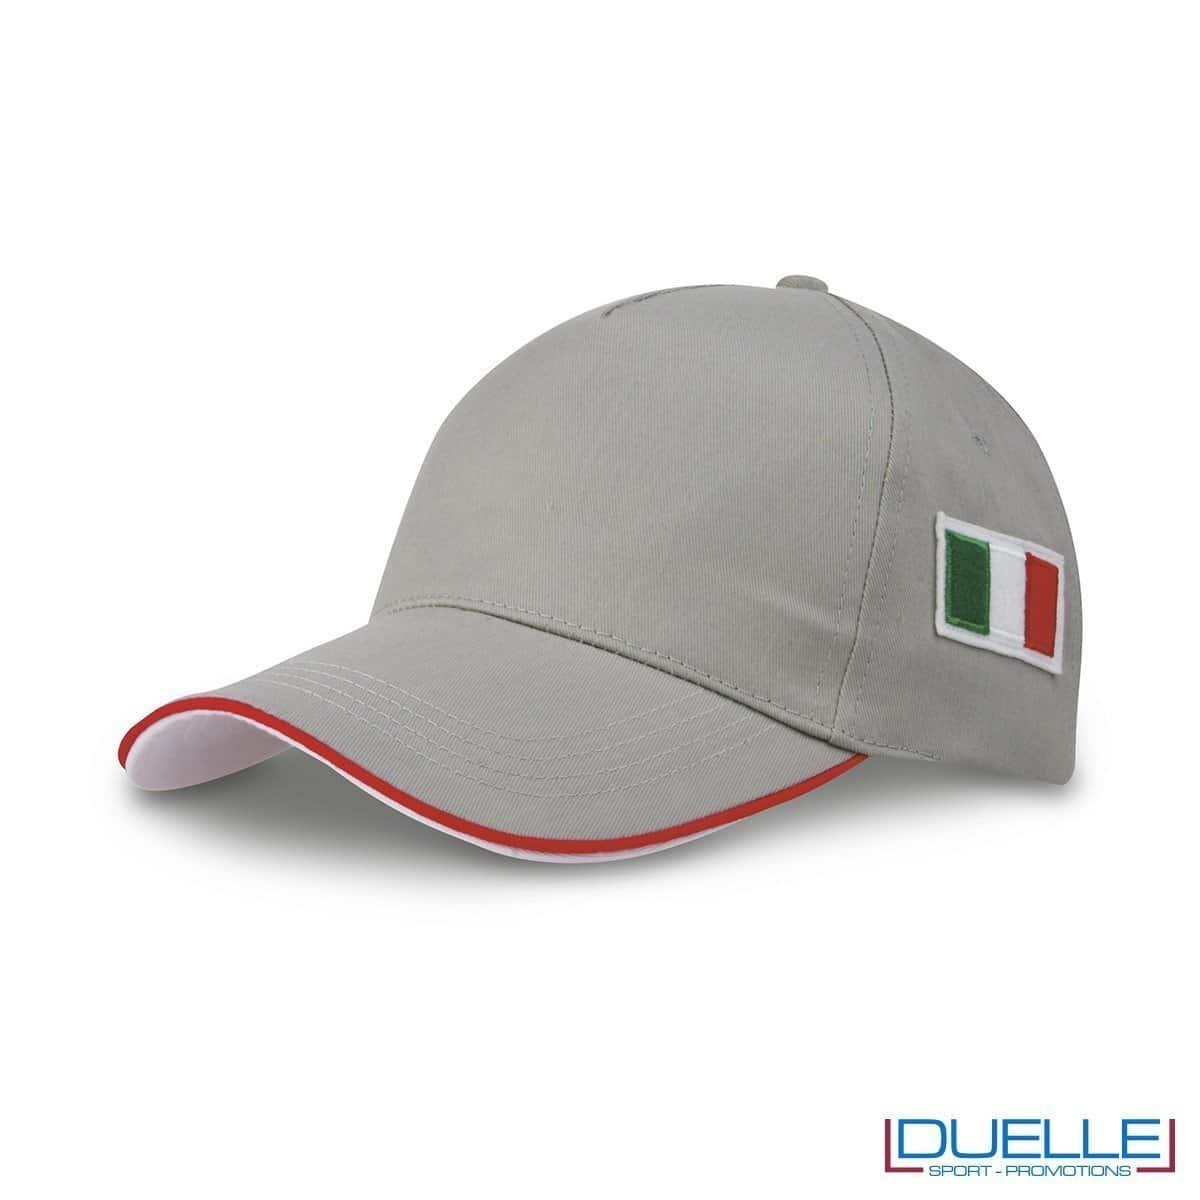 cappellino personalizzato 5 pannelli con bandiera tricolore colore grigio